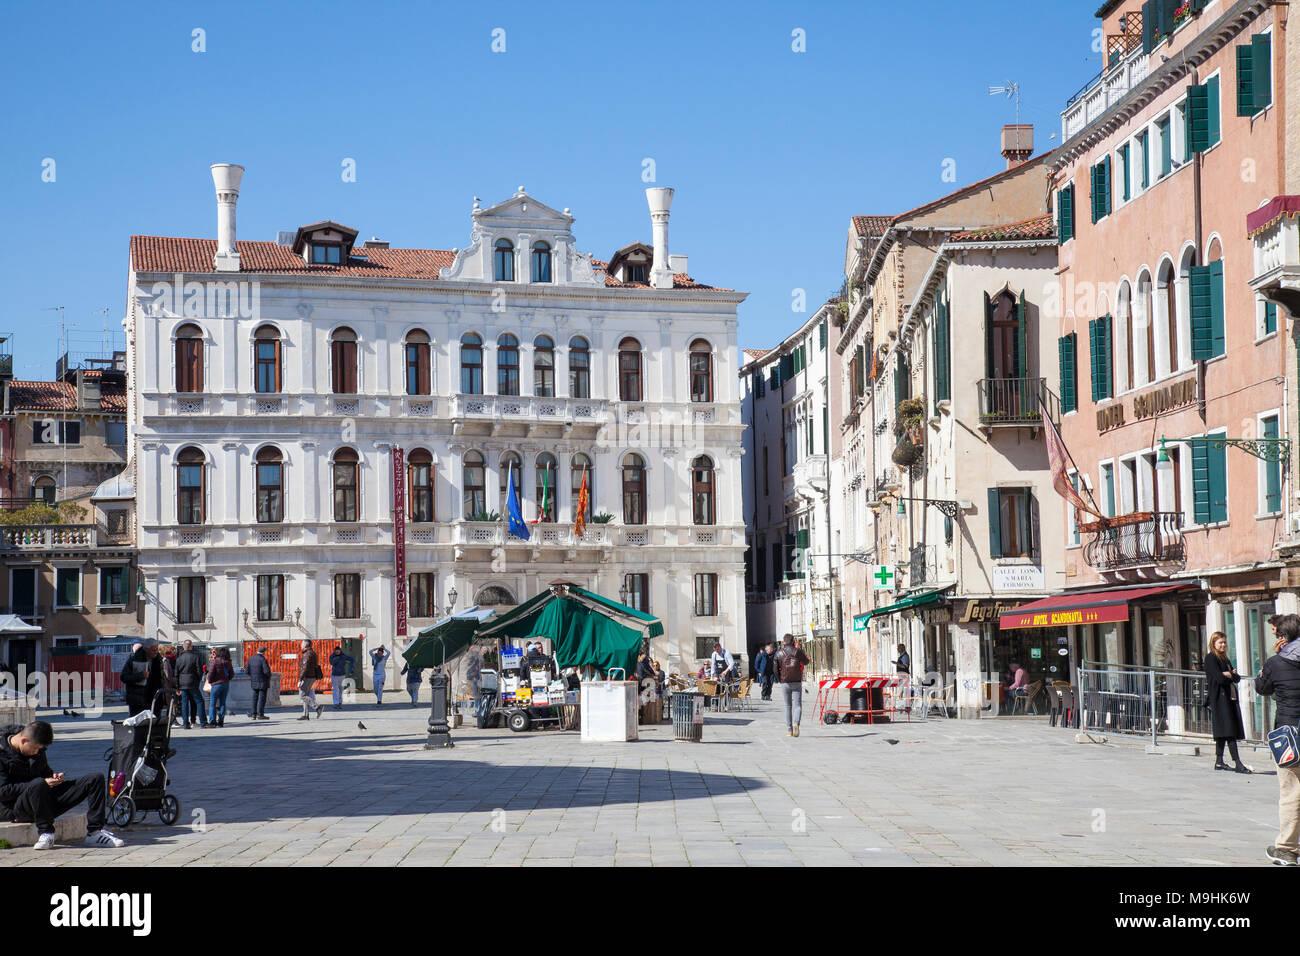 Campo Santa Maria Formosa, Castello, Venice, Veneto, Italy with Palazzo Priuli Ruzzini - Stock Image